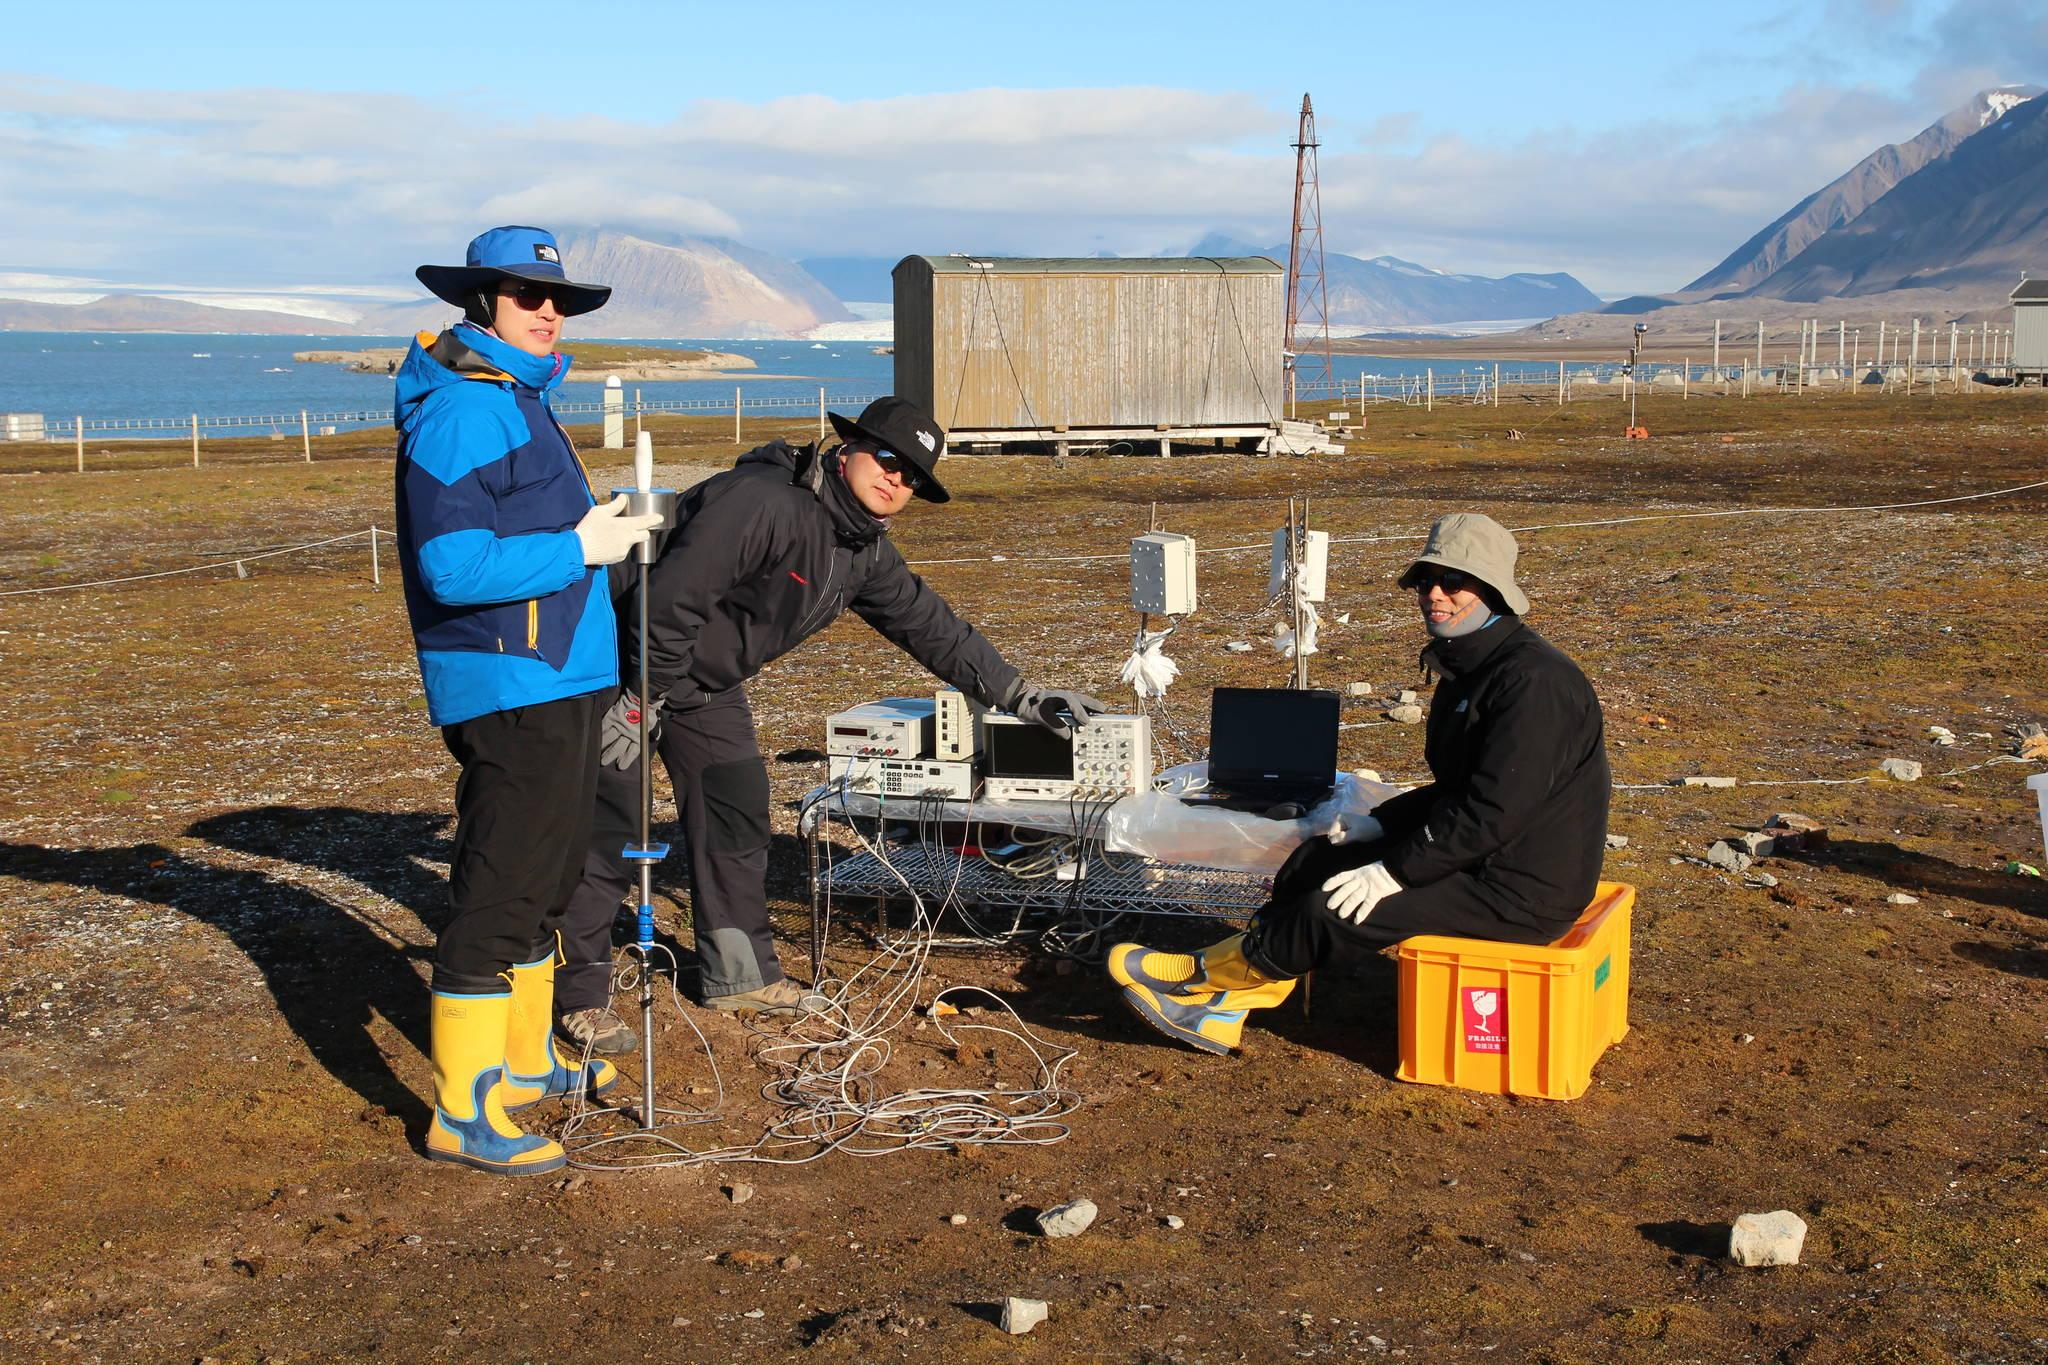 2013년 8월 이종섭 고려대 건축사회환경공학부 교수(맨 왼쪽)가 북극다산과학기지에서 지반 조사를 하고 있다. [이종섭 교수]